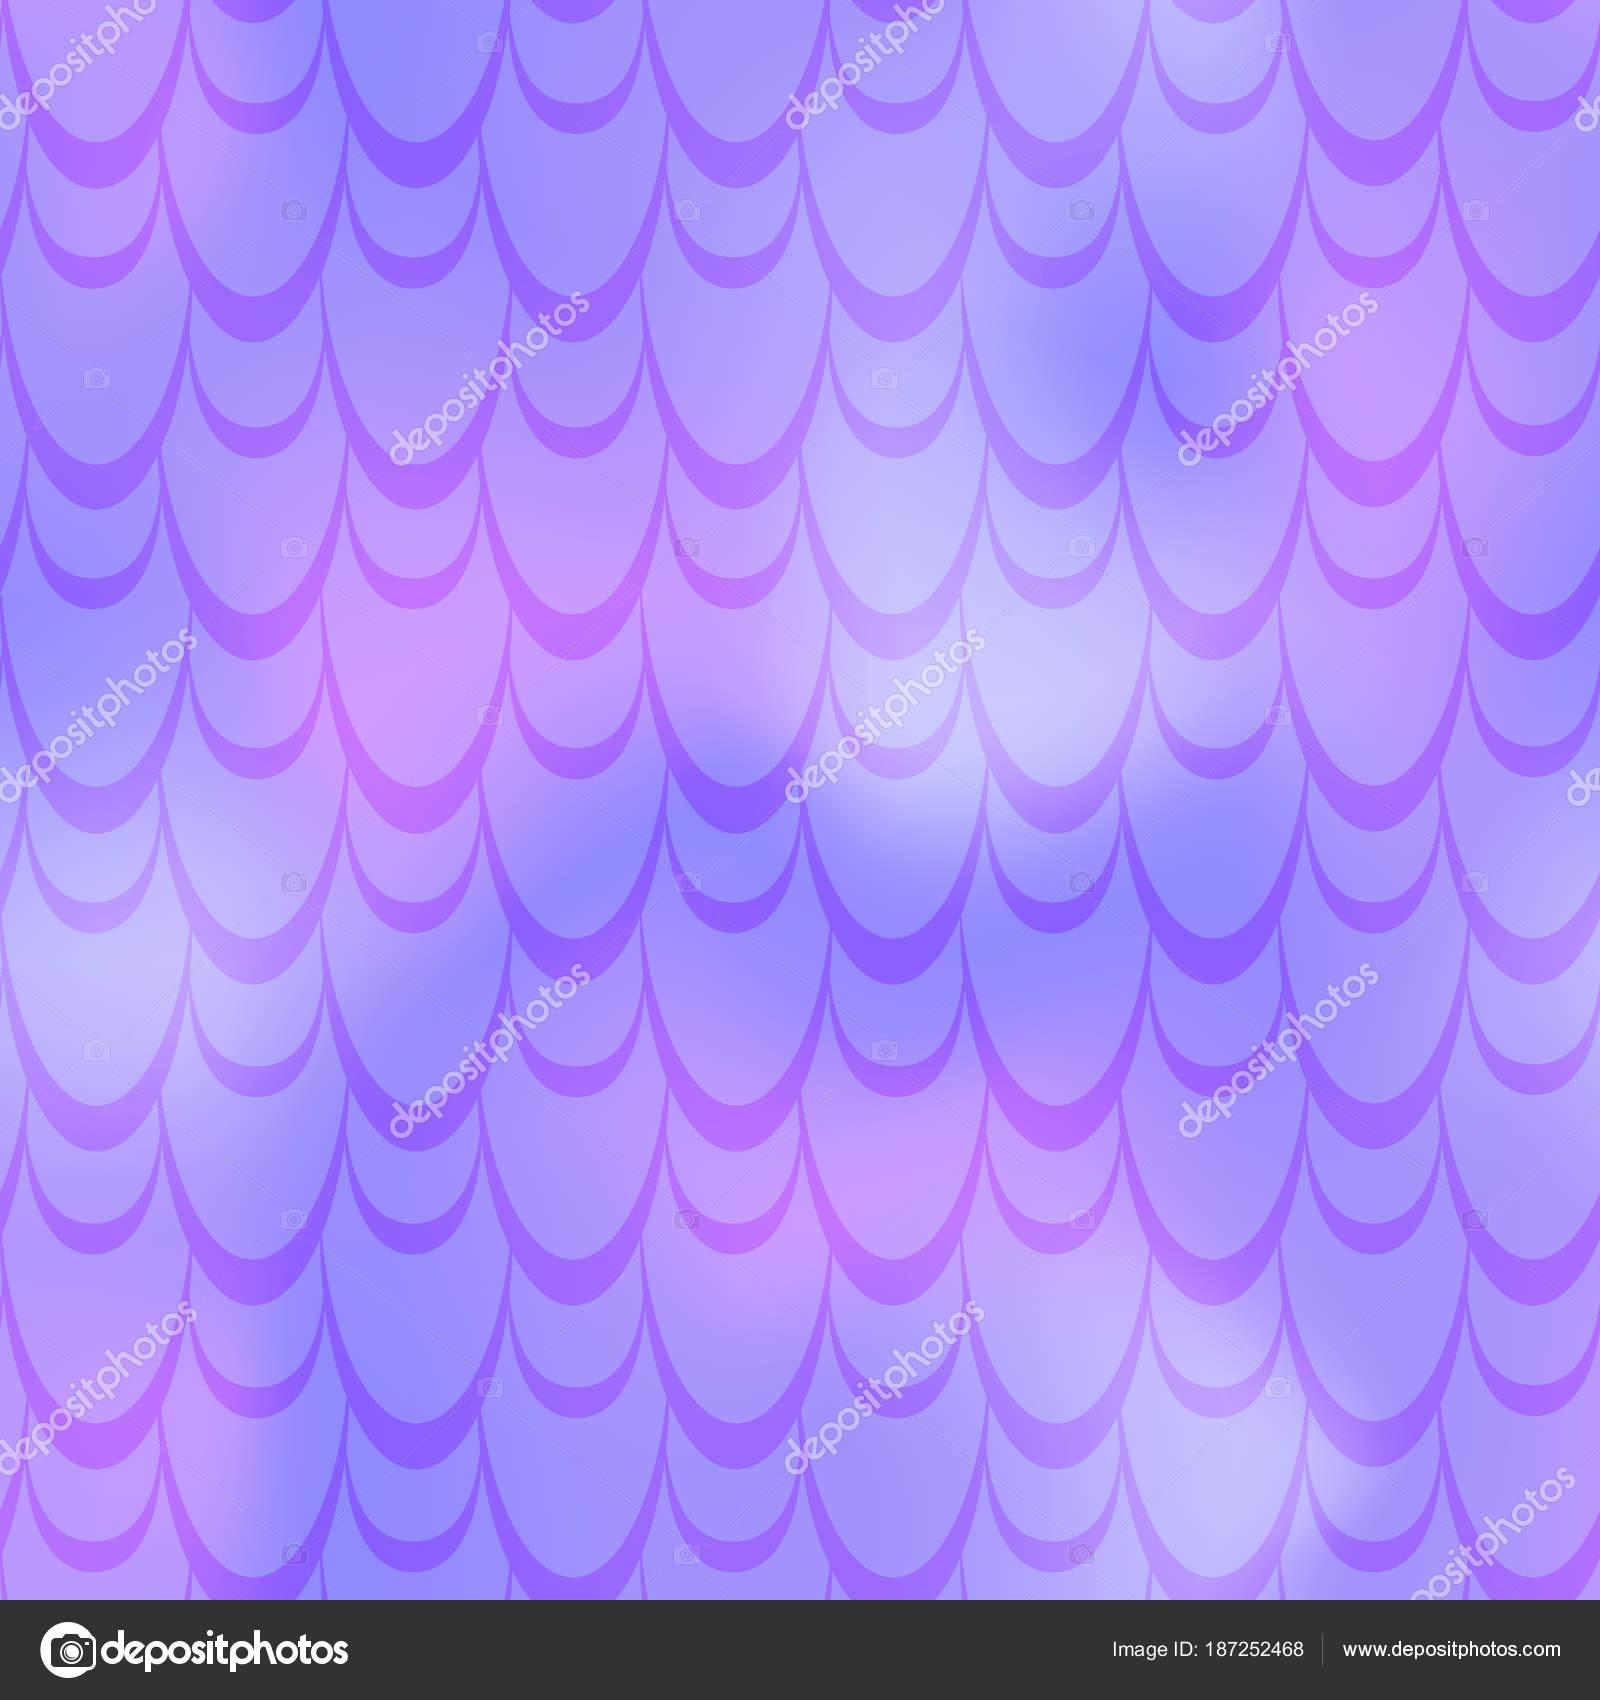 Mermaid Desktop Wallpaper Violet Blue Mermaid Vector